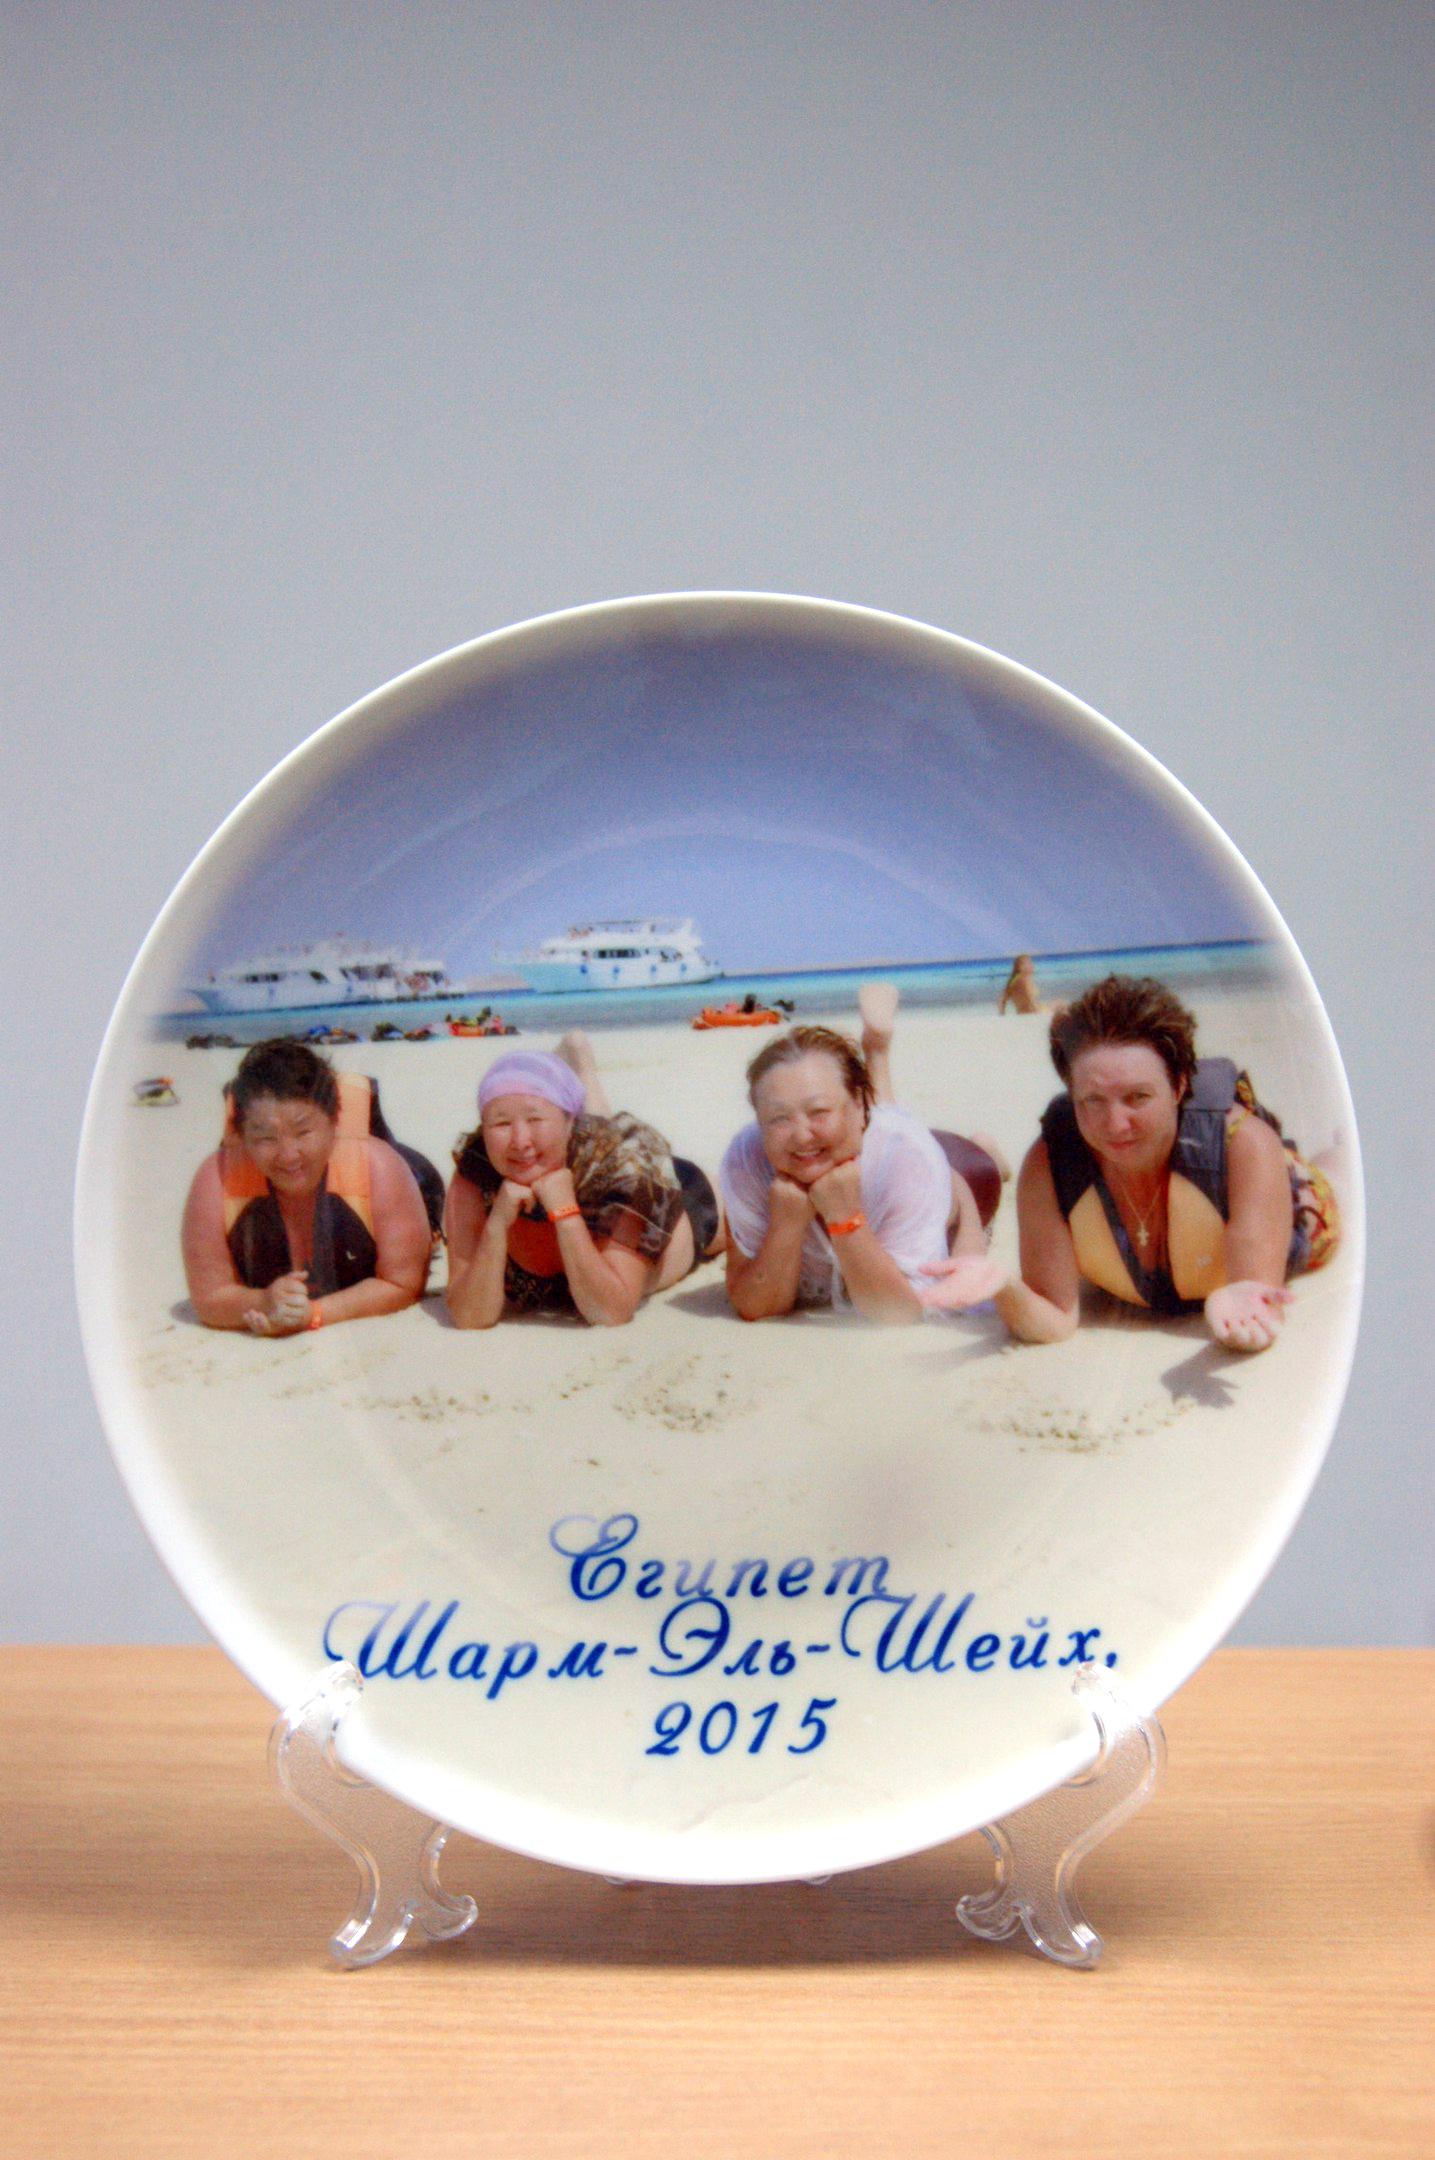 заявлению подарочные тарелки с фото одной прошлых